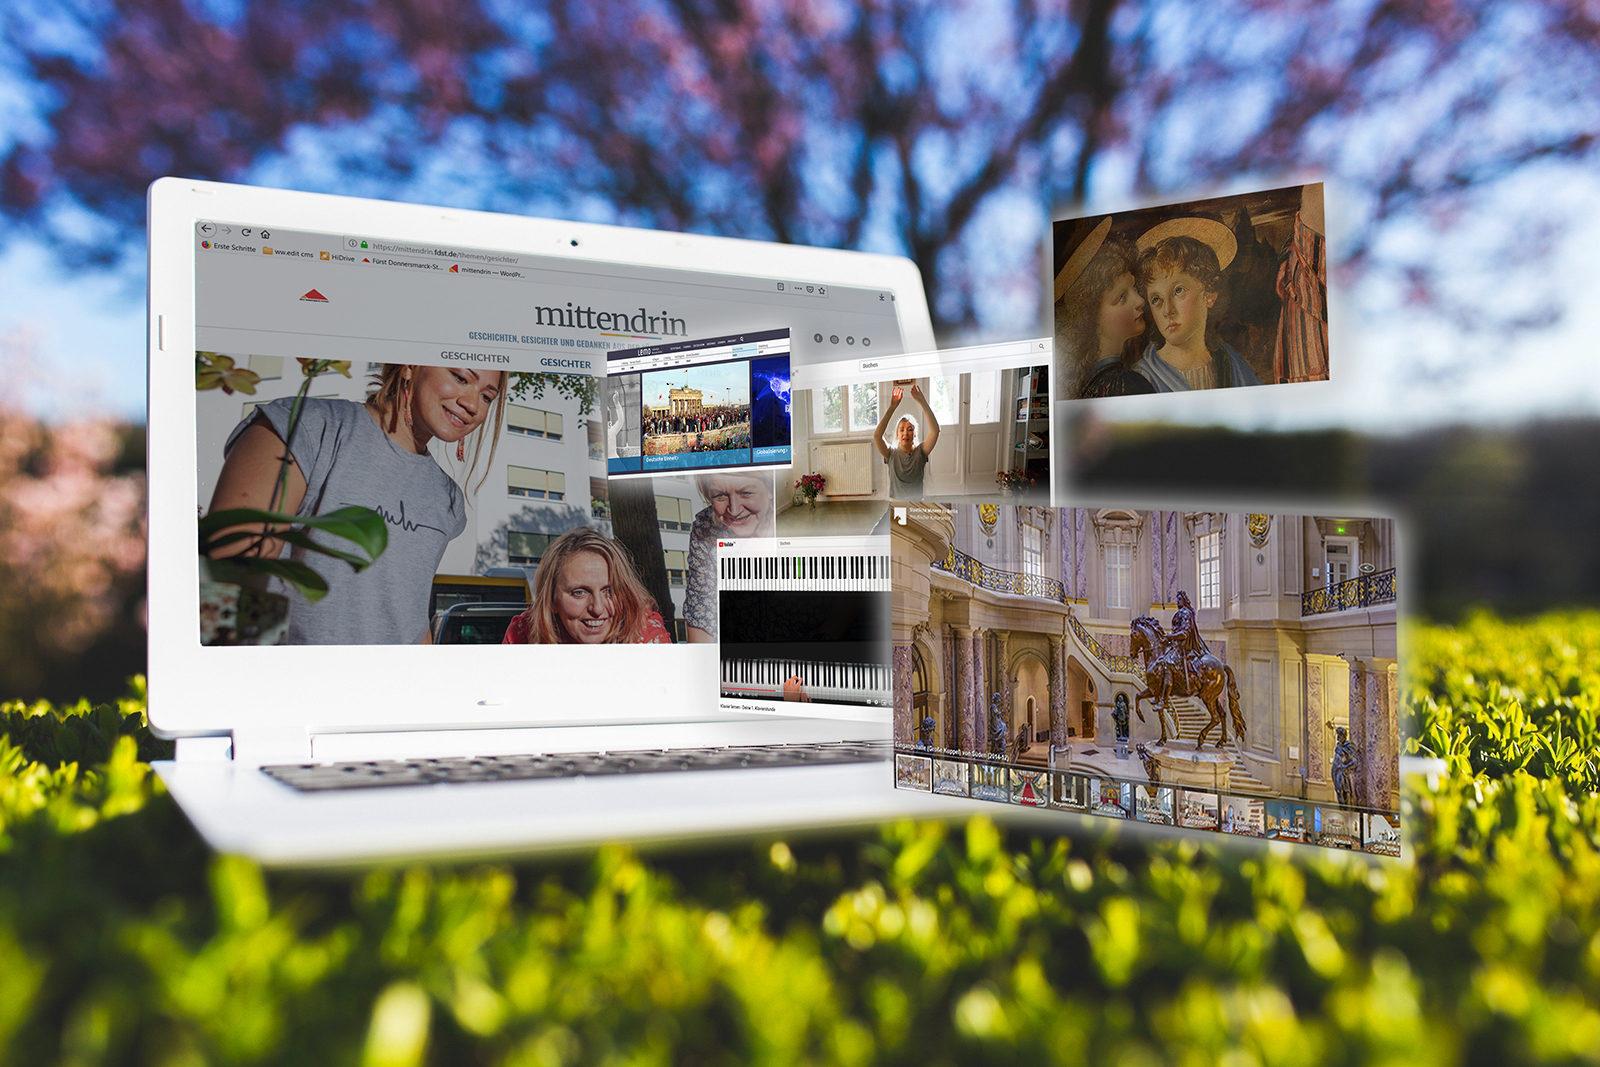 Bildcollage: Ein Laptop auf einer blühenden Wiese, im Hintergrund ein Baum; aus dem Laptopb schweben sechs geöffnete Browserfenster mit Bildern auf den Betrachter zu